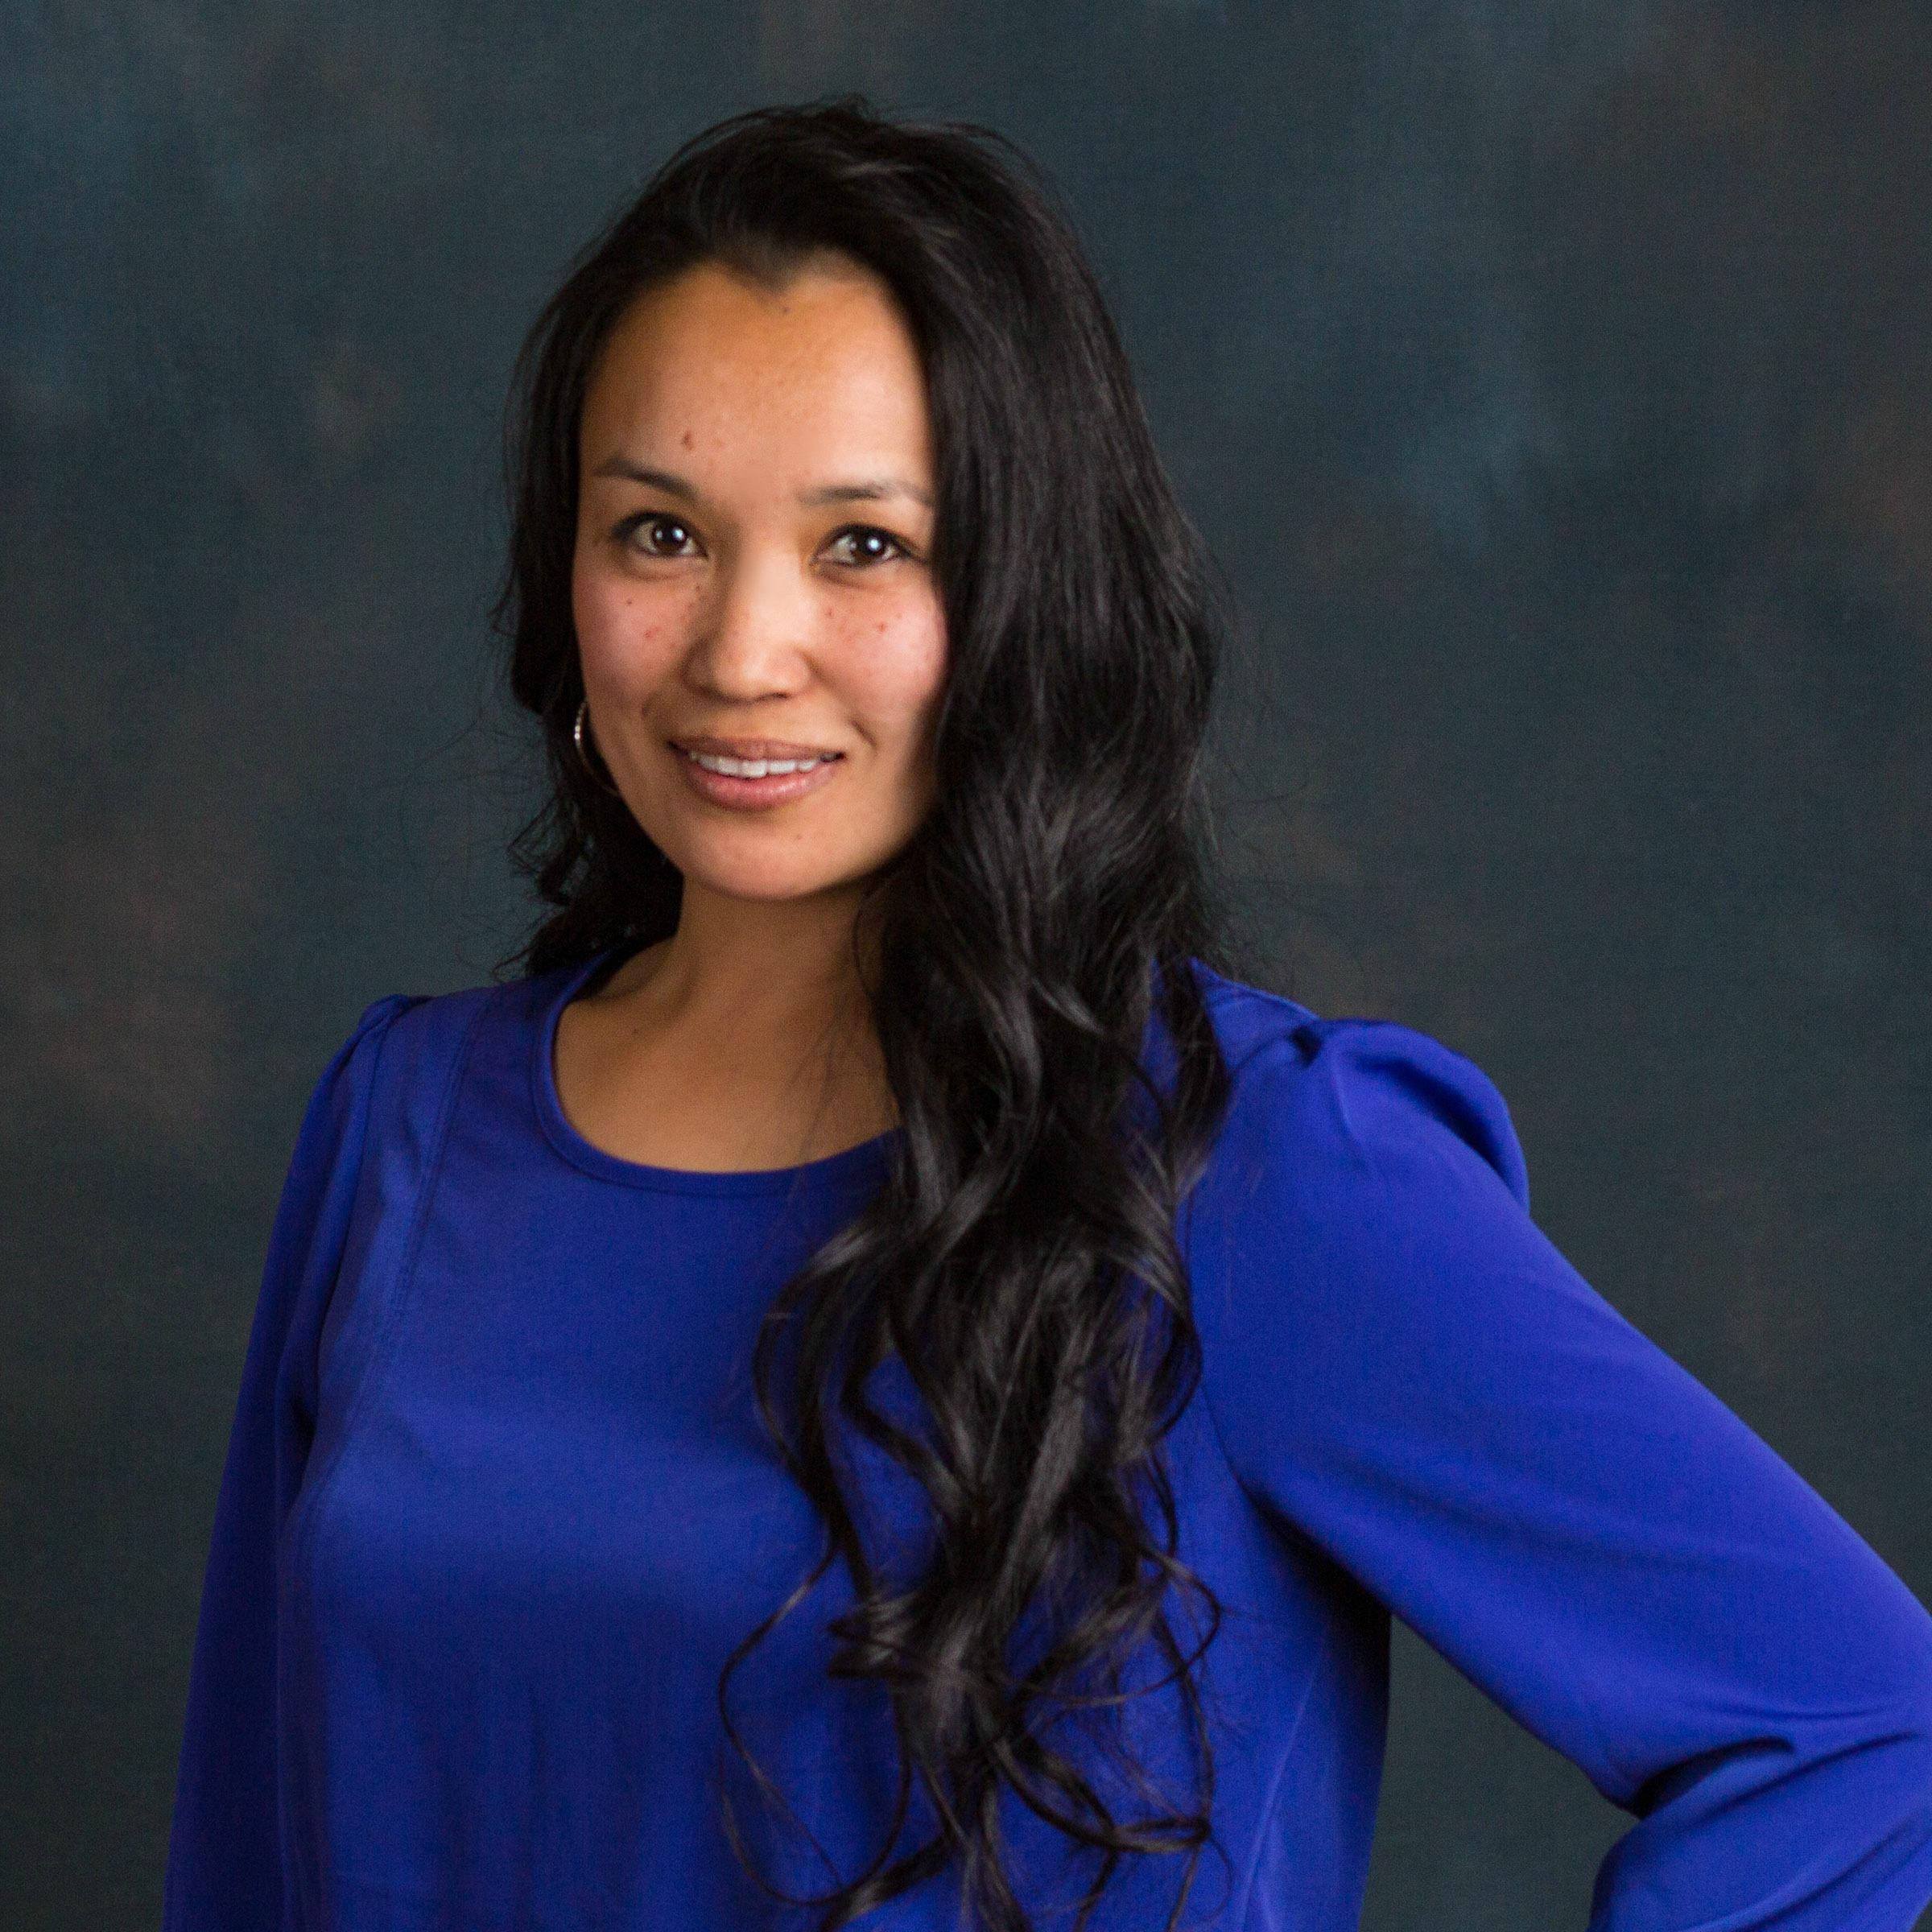 Shannon Abero Guerrero